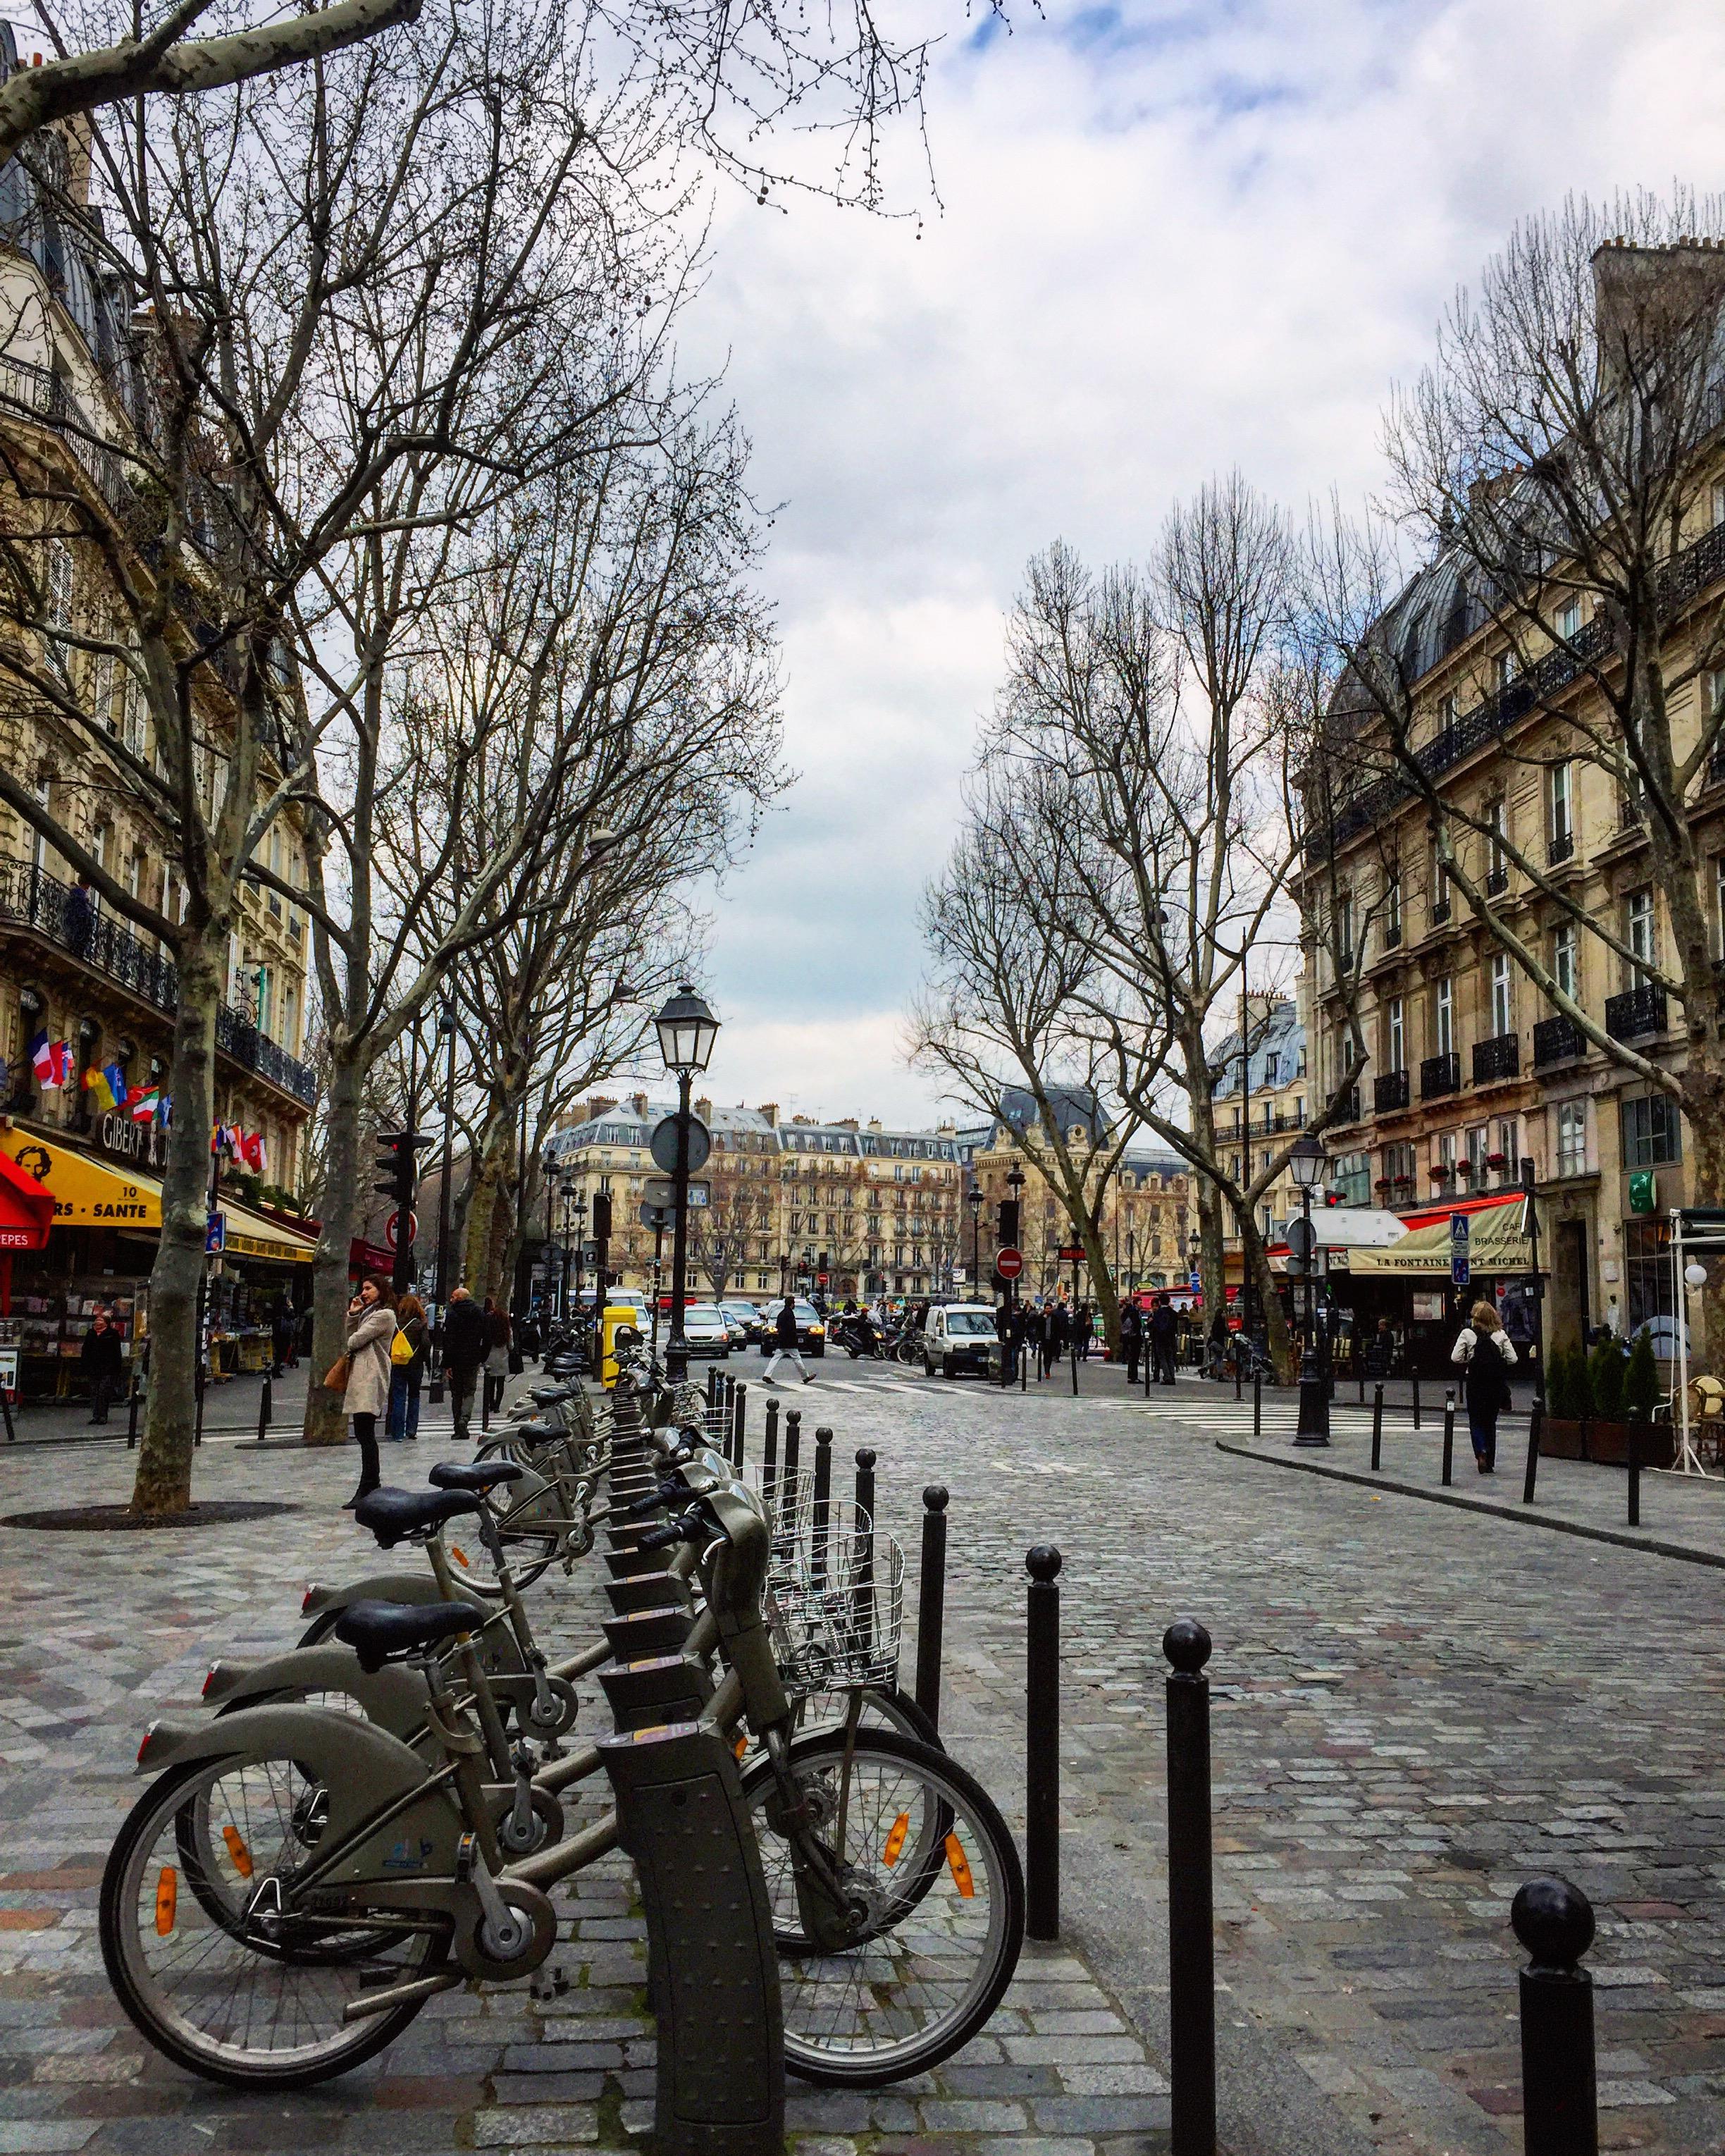 Saint-Germain-des-Prés, Paris, France